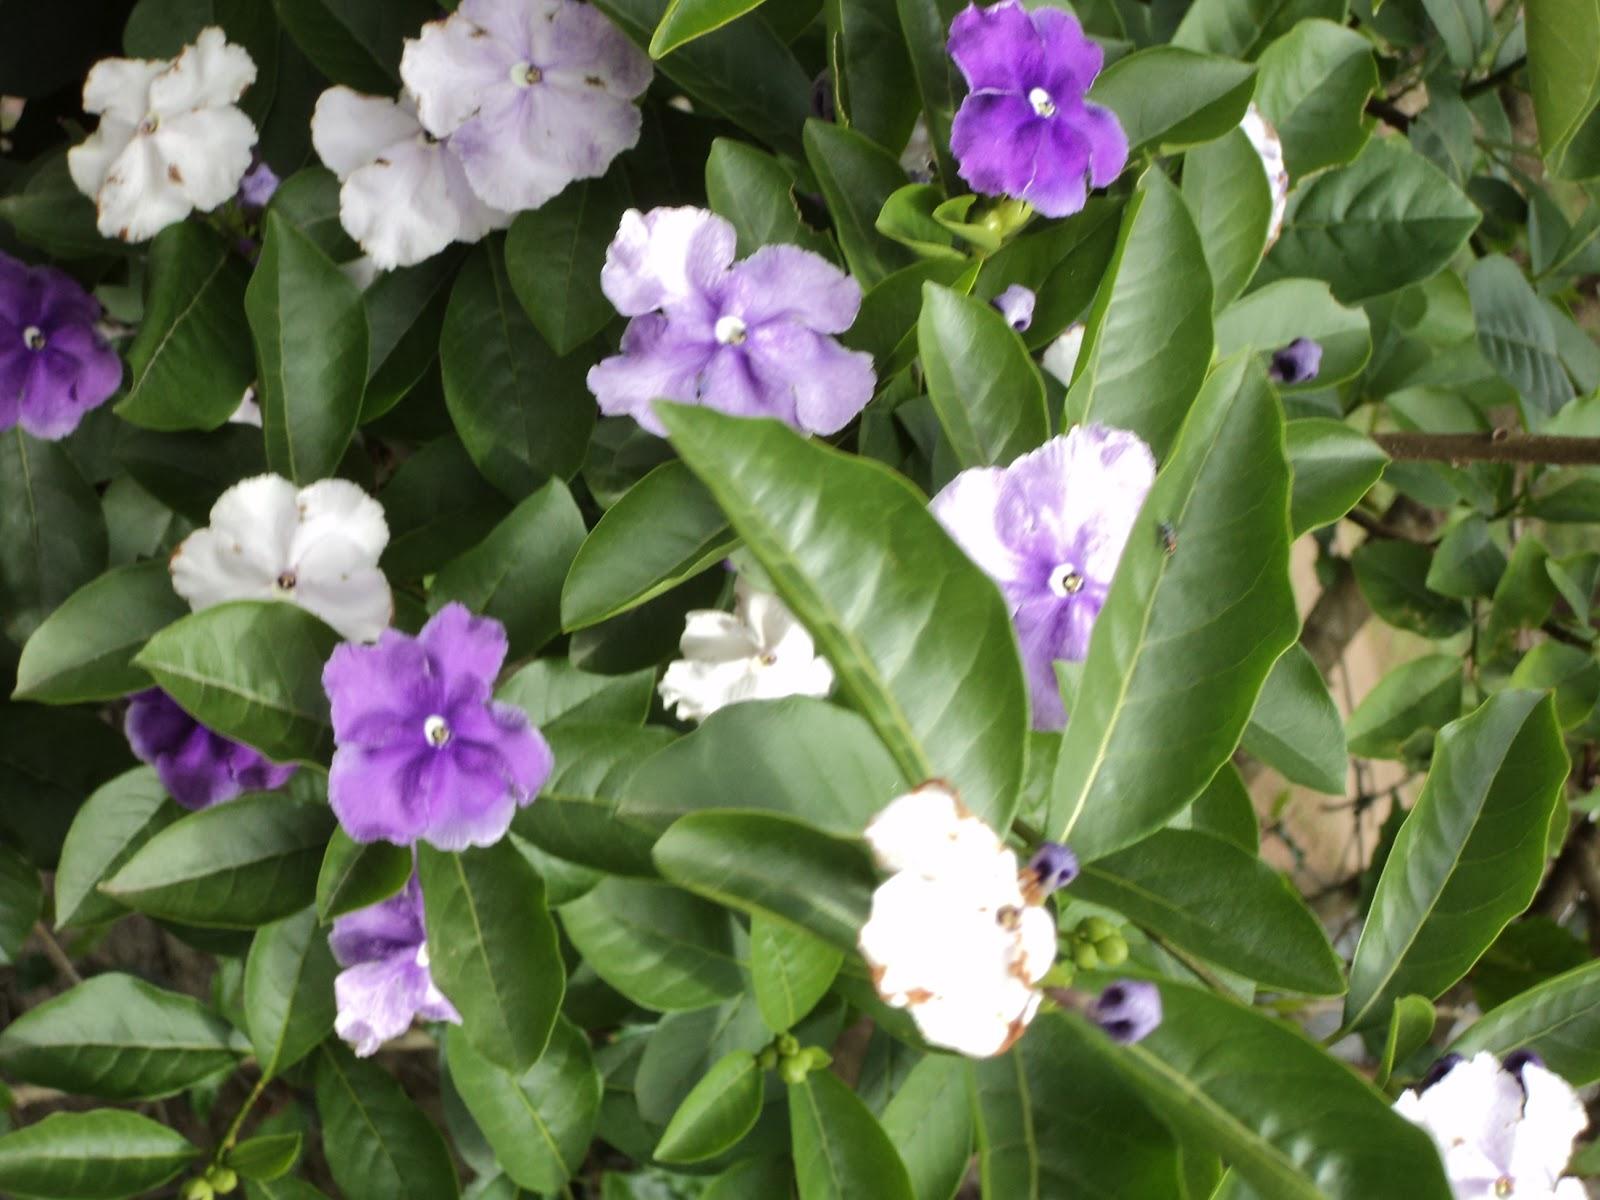 arvore manaca jardim:manacá-de-jardim ou manacá-de-cheiro (Brunfelsia uniflora) é uma